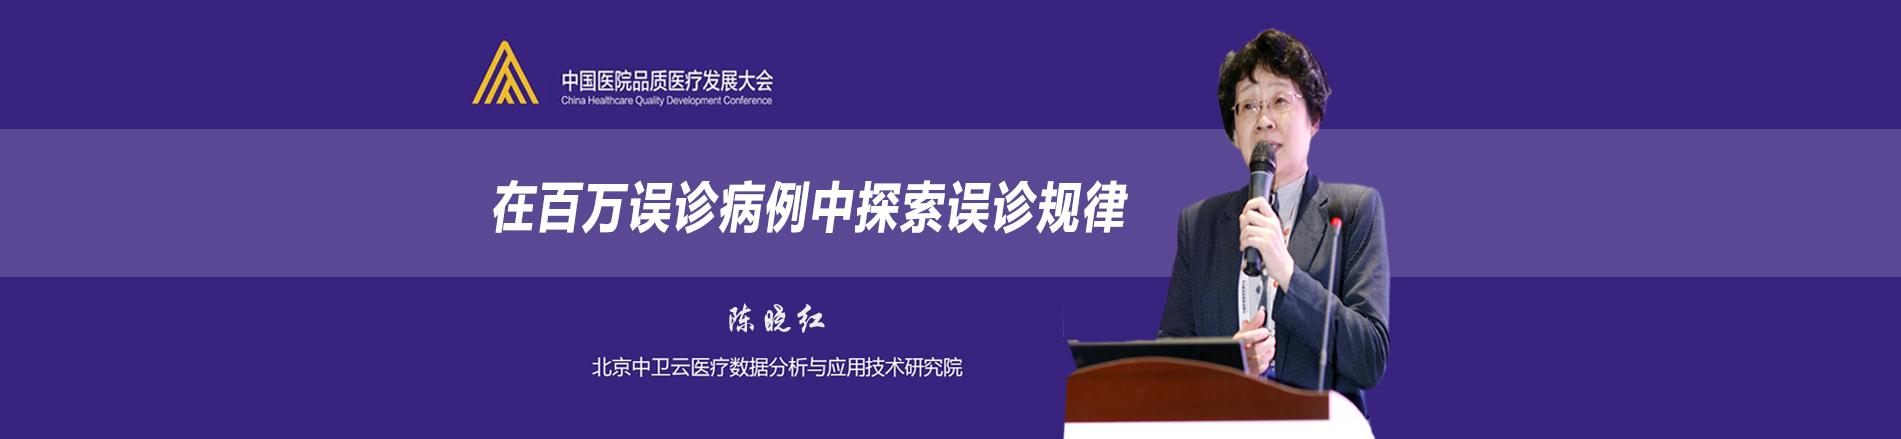 陈晓红-在百万误诊病例中探索误诊规律